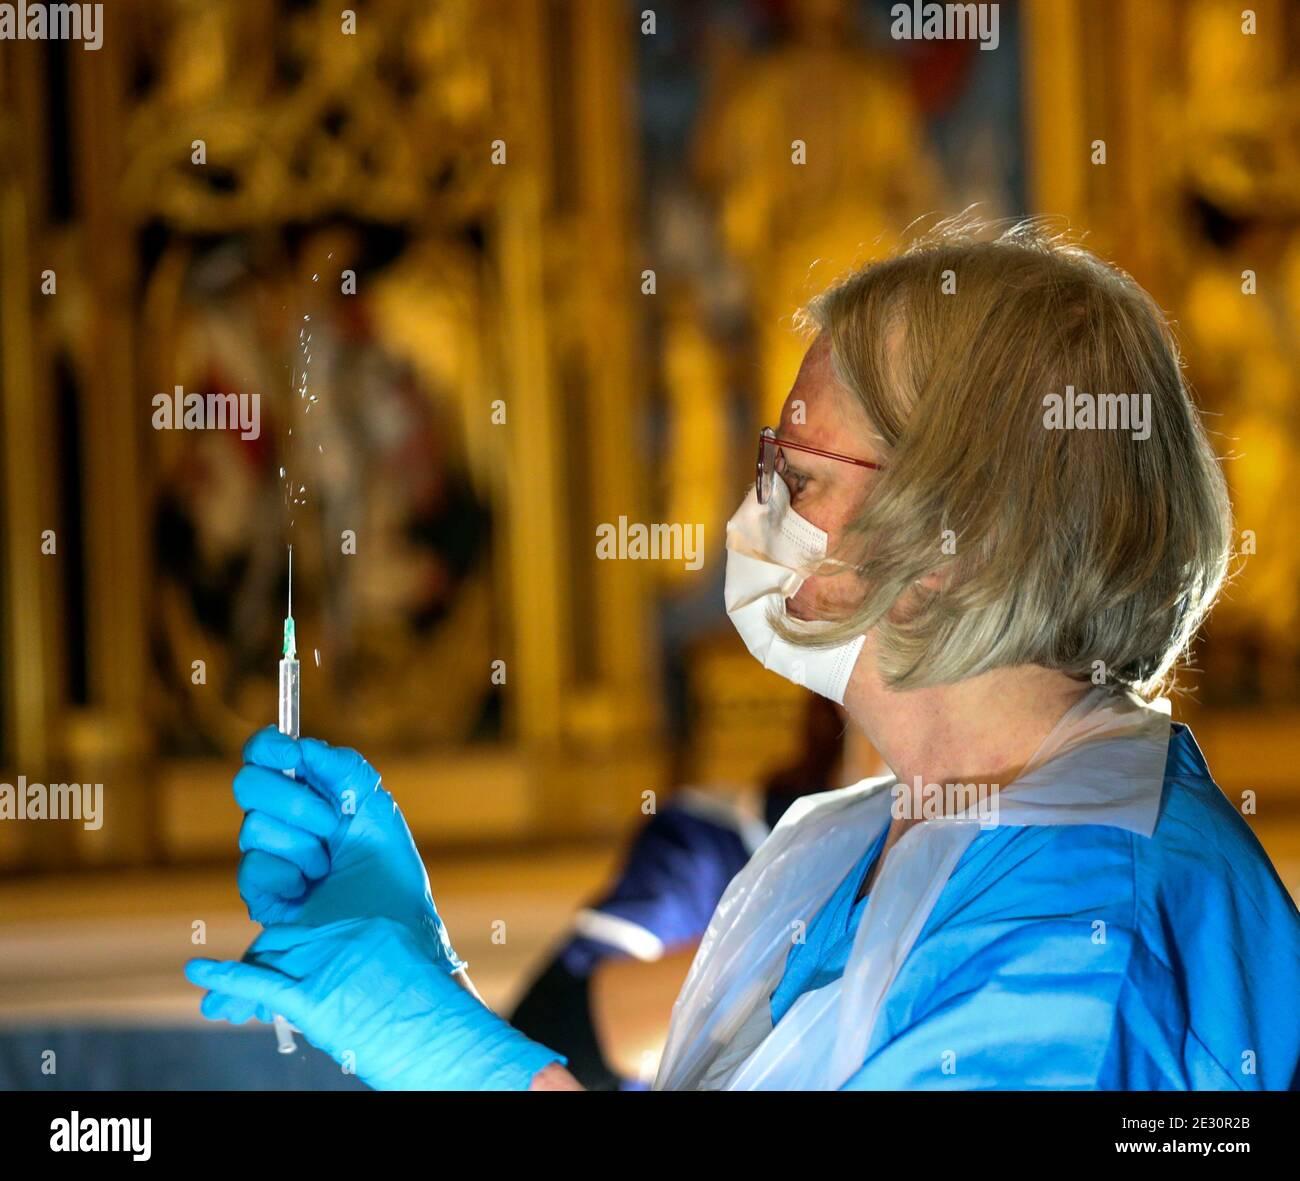 Il vaccino Pfizer coronavirus è preparato da un operatore sanitario nella Cattedrale di Salisbury, nel Wiltshire, prima di essere somministrato ai membri del pubblico. Foto Stock